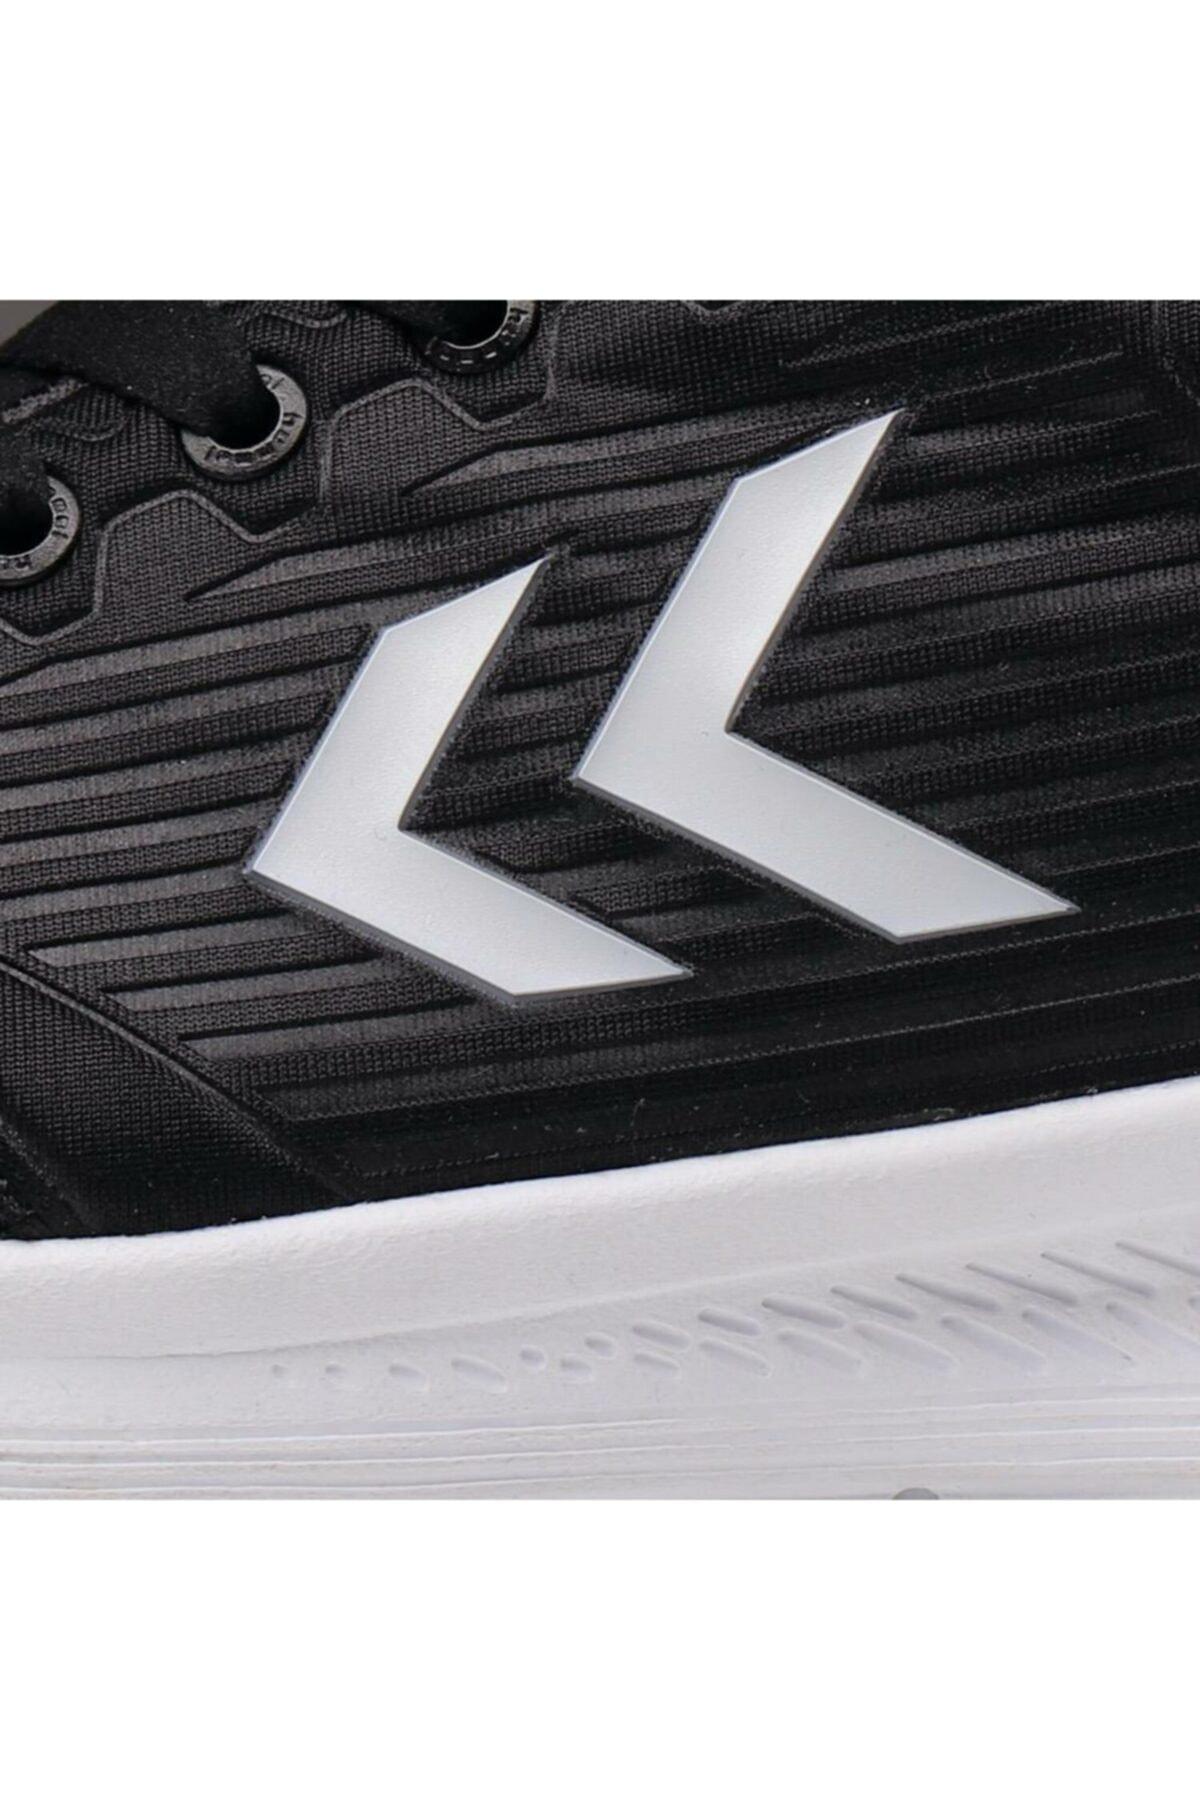 HUMMEL POWER PLAY MULTI-2 Siyah Erkek Koşu Ayakkabısı 100549502 2